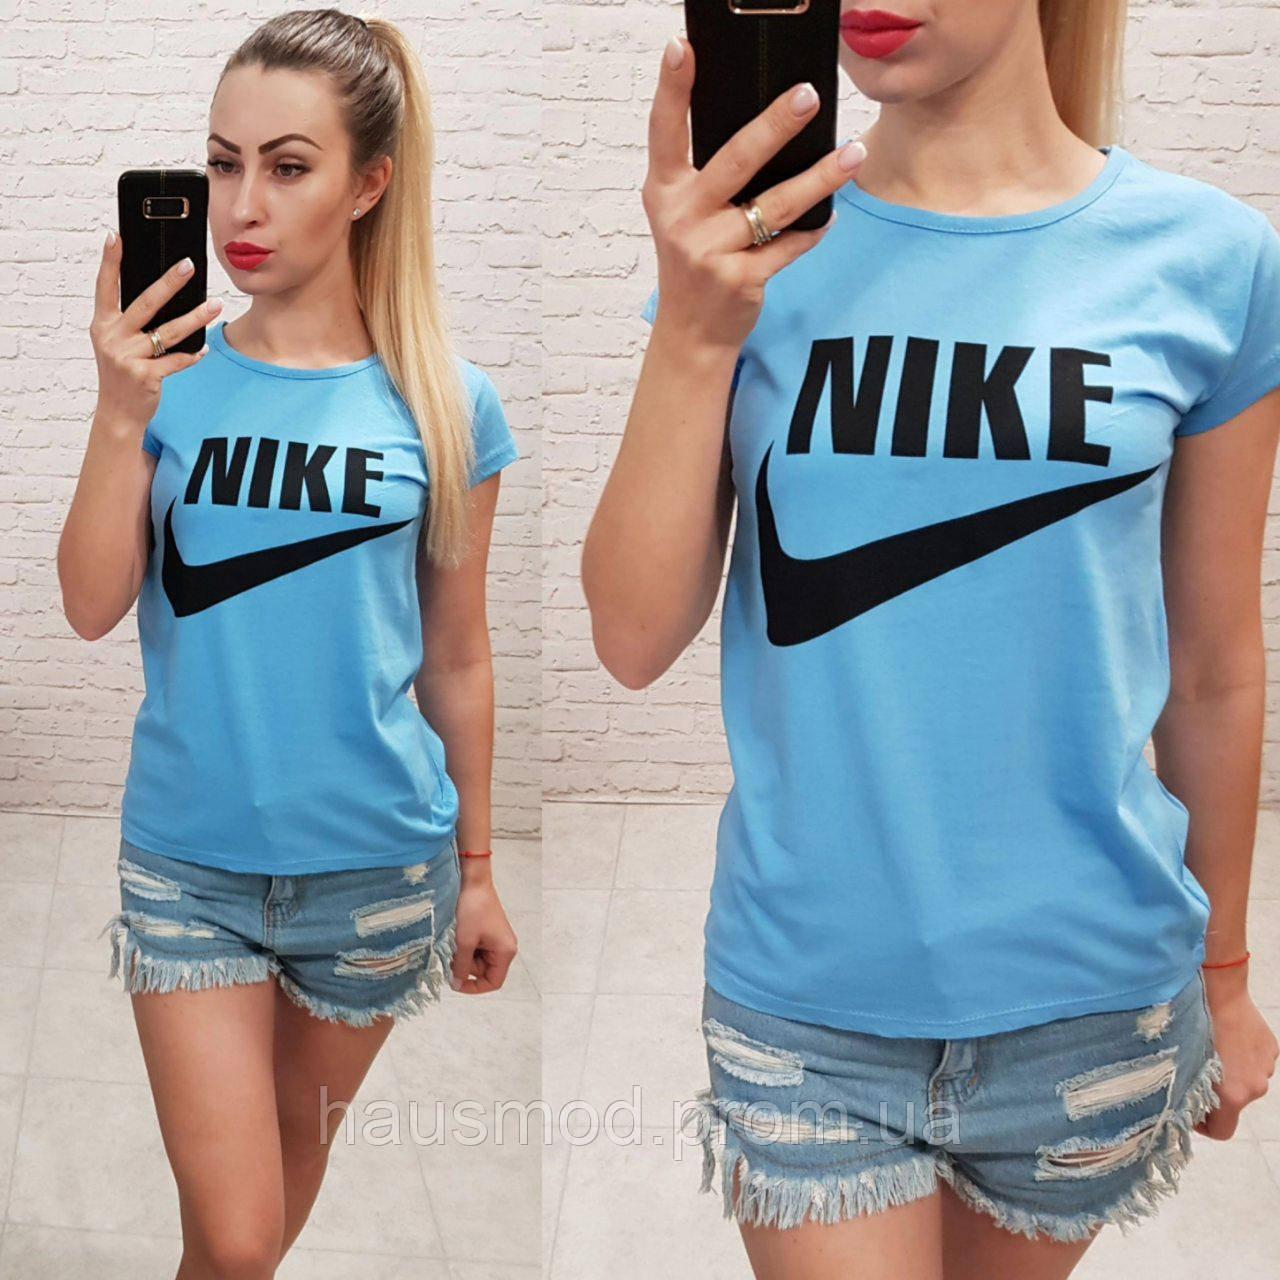 Женская футболка летняя реплика Nike Турция 100% катон светло-синяя